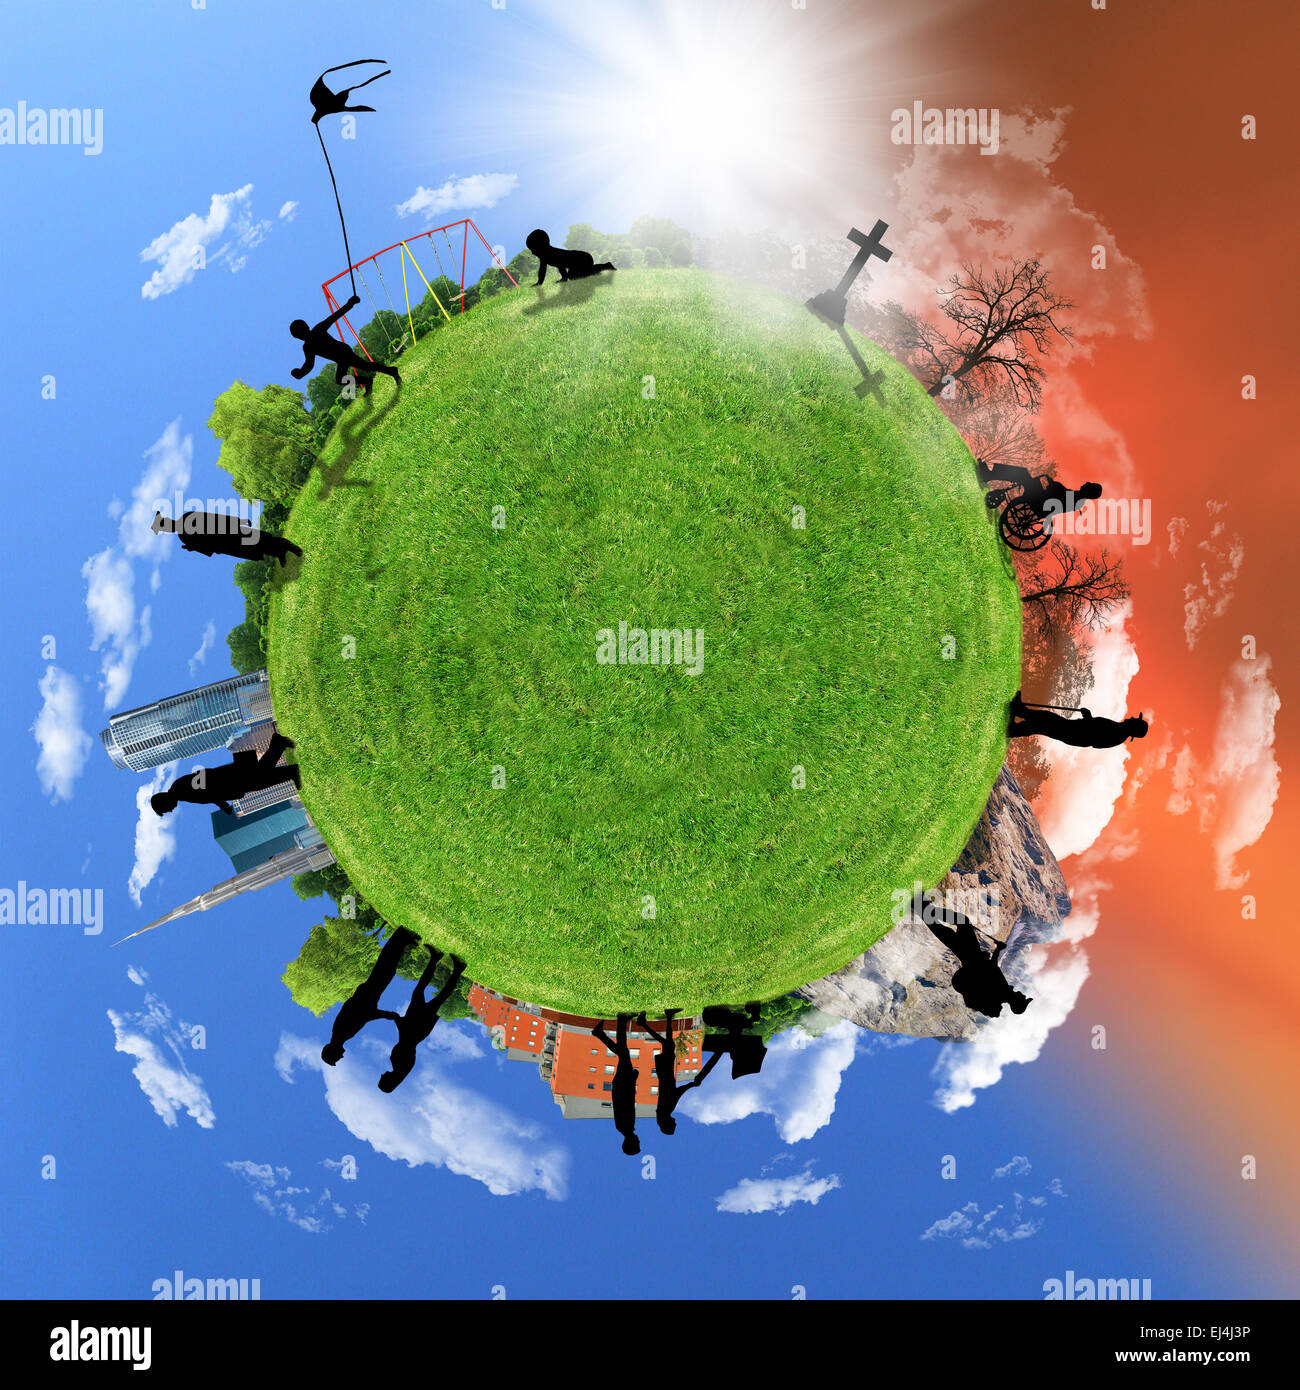 La vie humaine, concept de cercle sur un globe, le vieillissement. Photo Stock